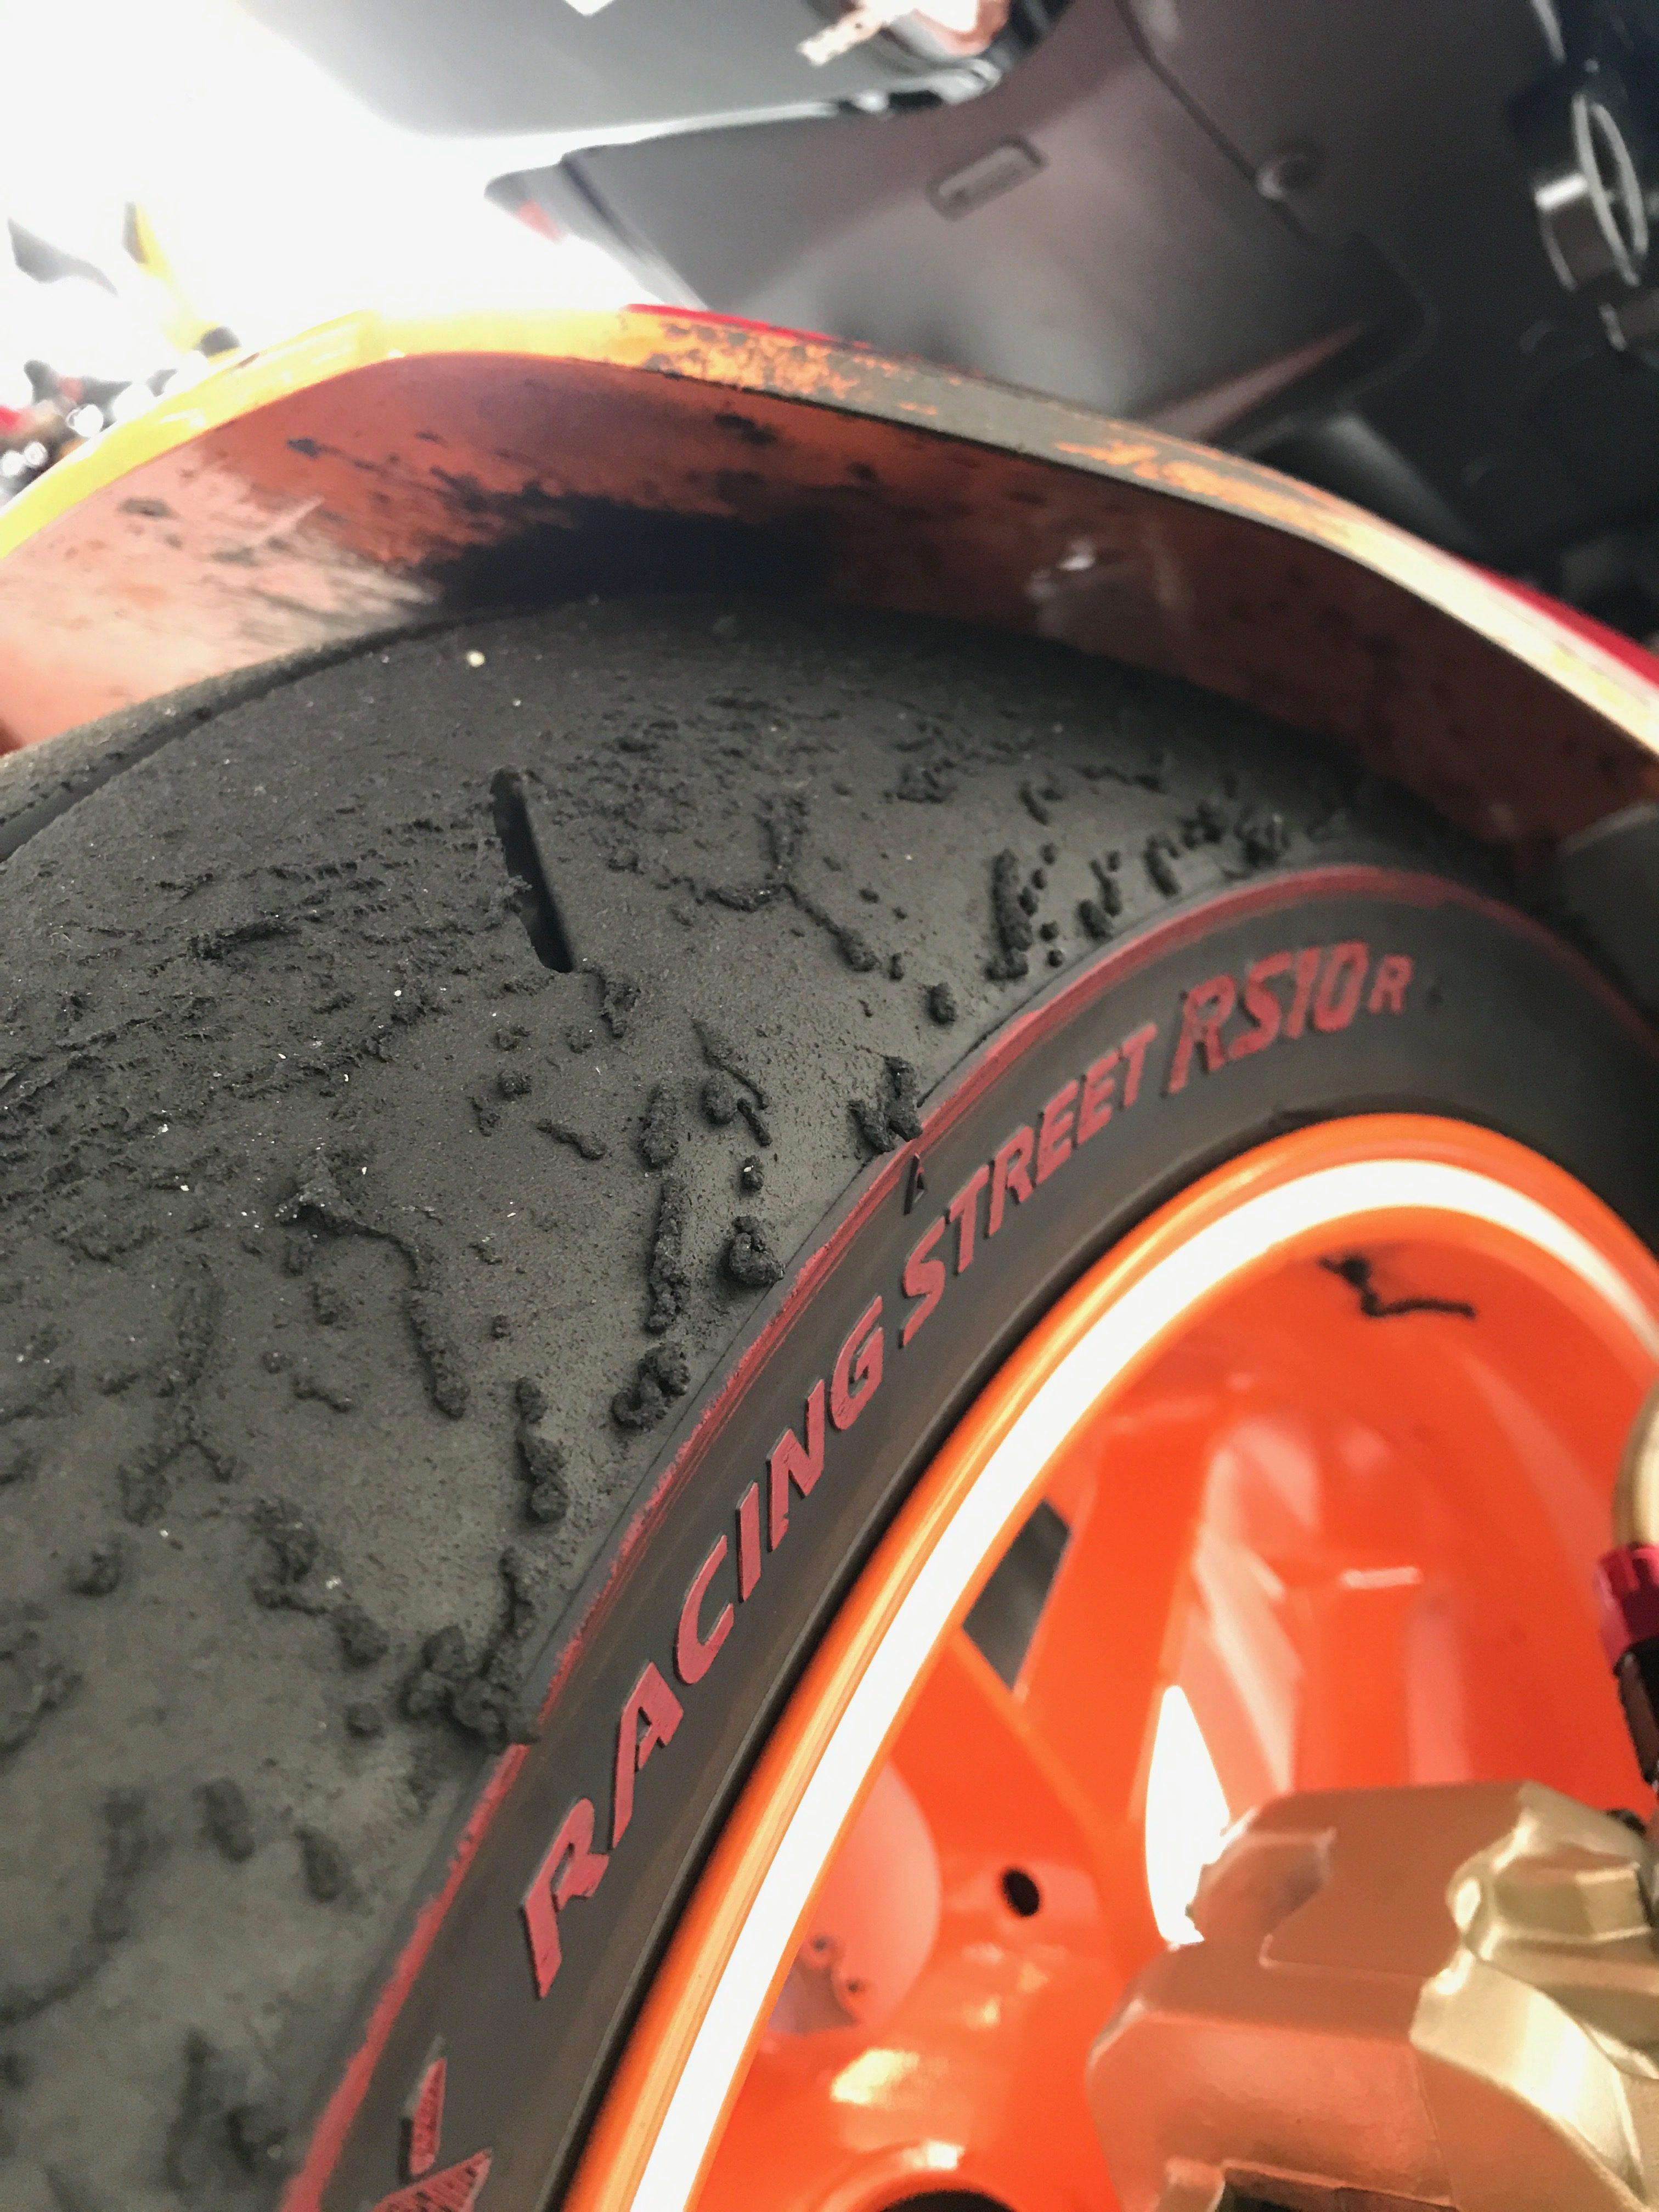 バイクでサーキット走行|タイヤ空気圧の適正値を理解してタイムアップしよう!!